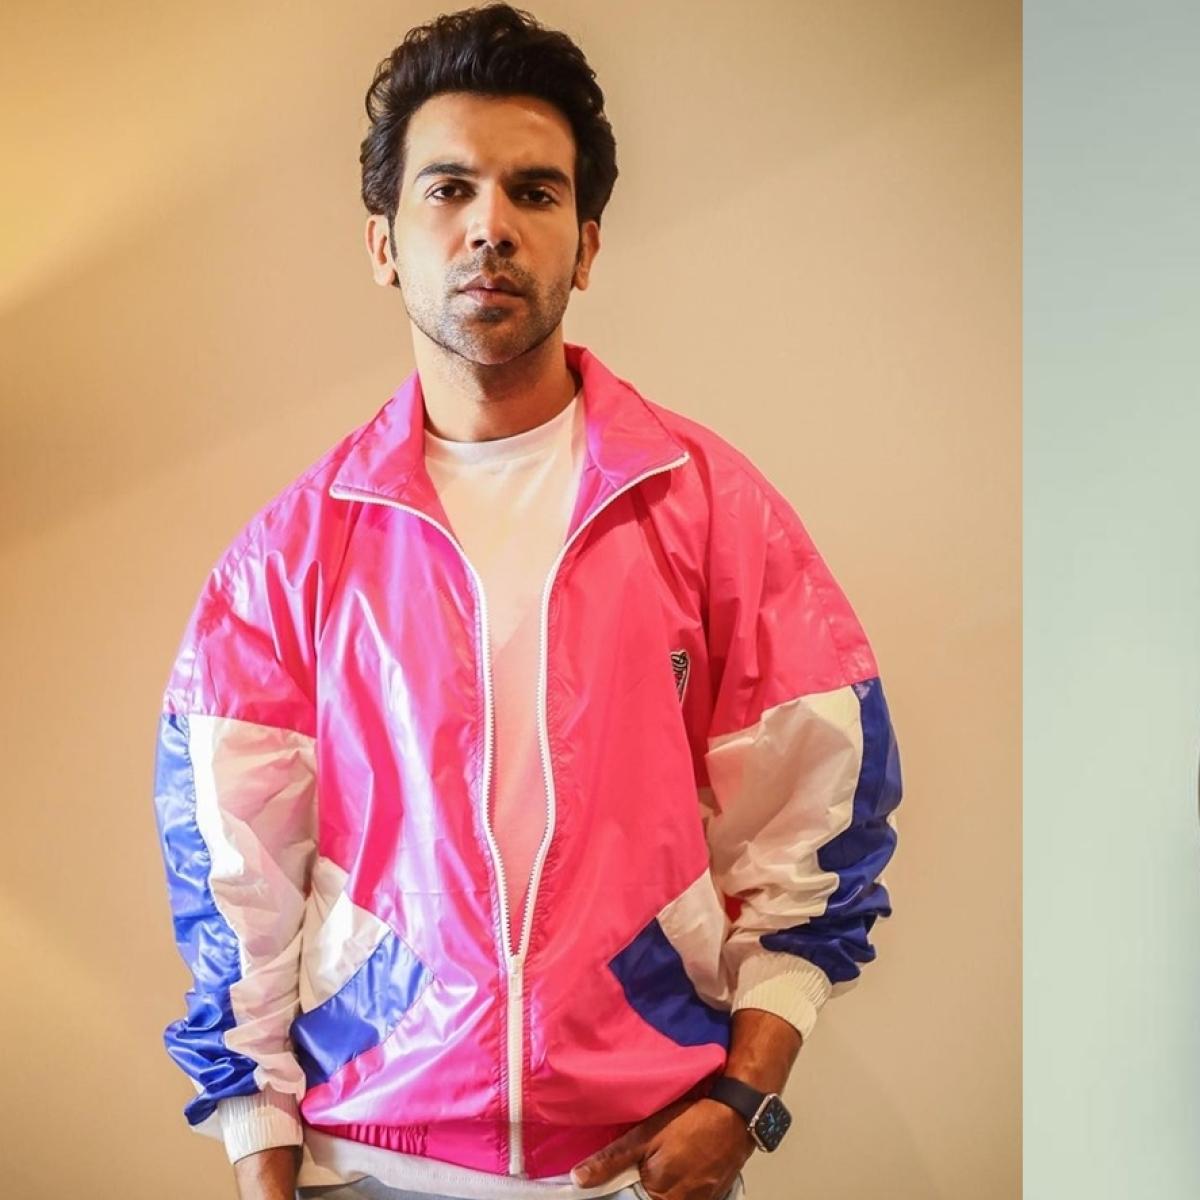 Karan Johar's 'original choice' Rajkummar Rao to replace Kartik Aaryan in 'Dostana 2'?